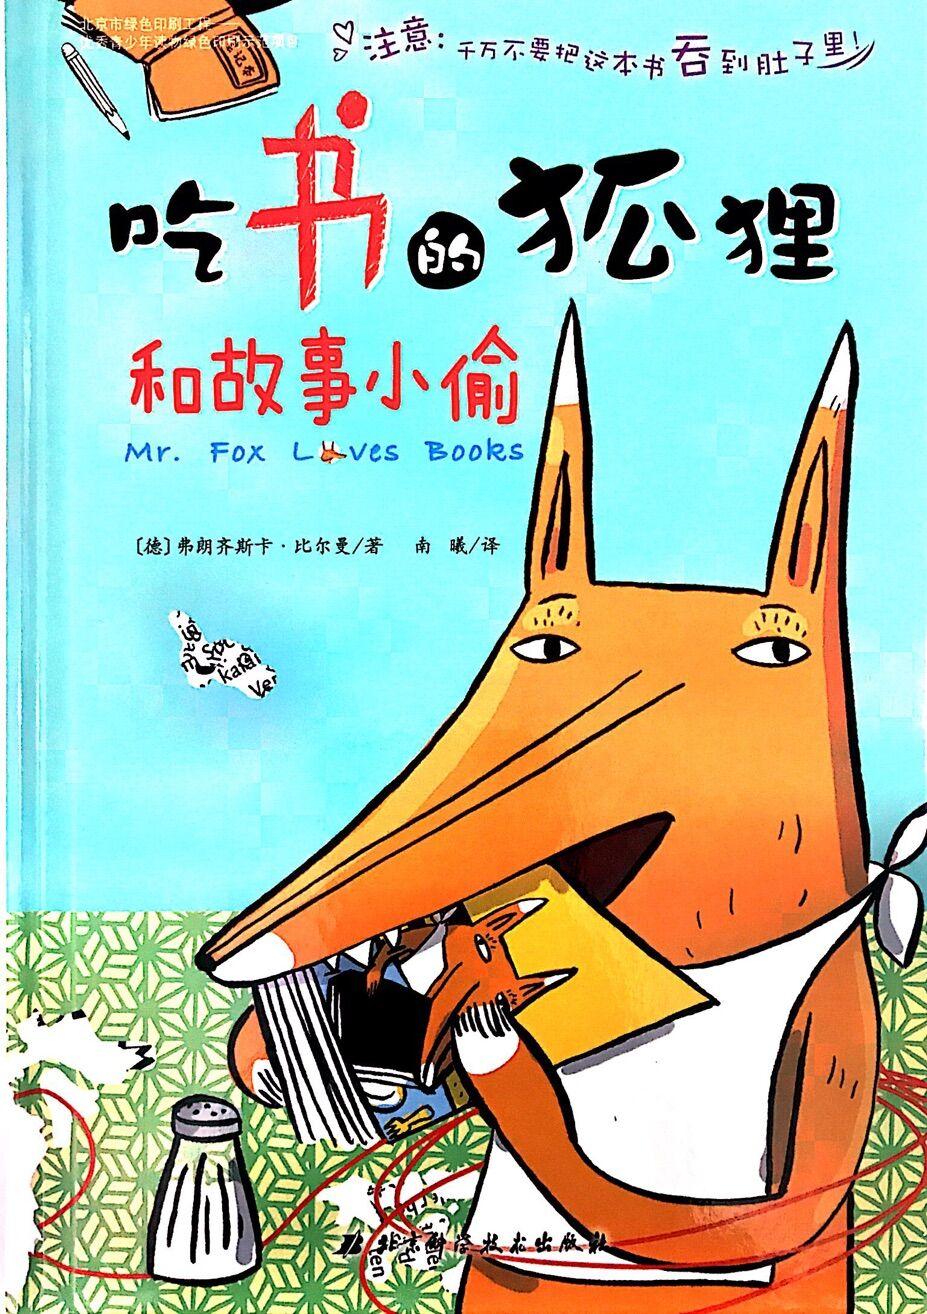 吃书的狐狸和故事小偷